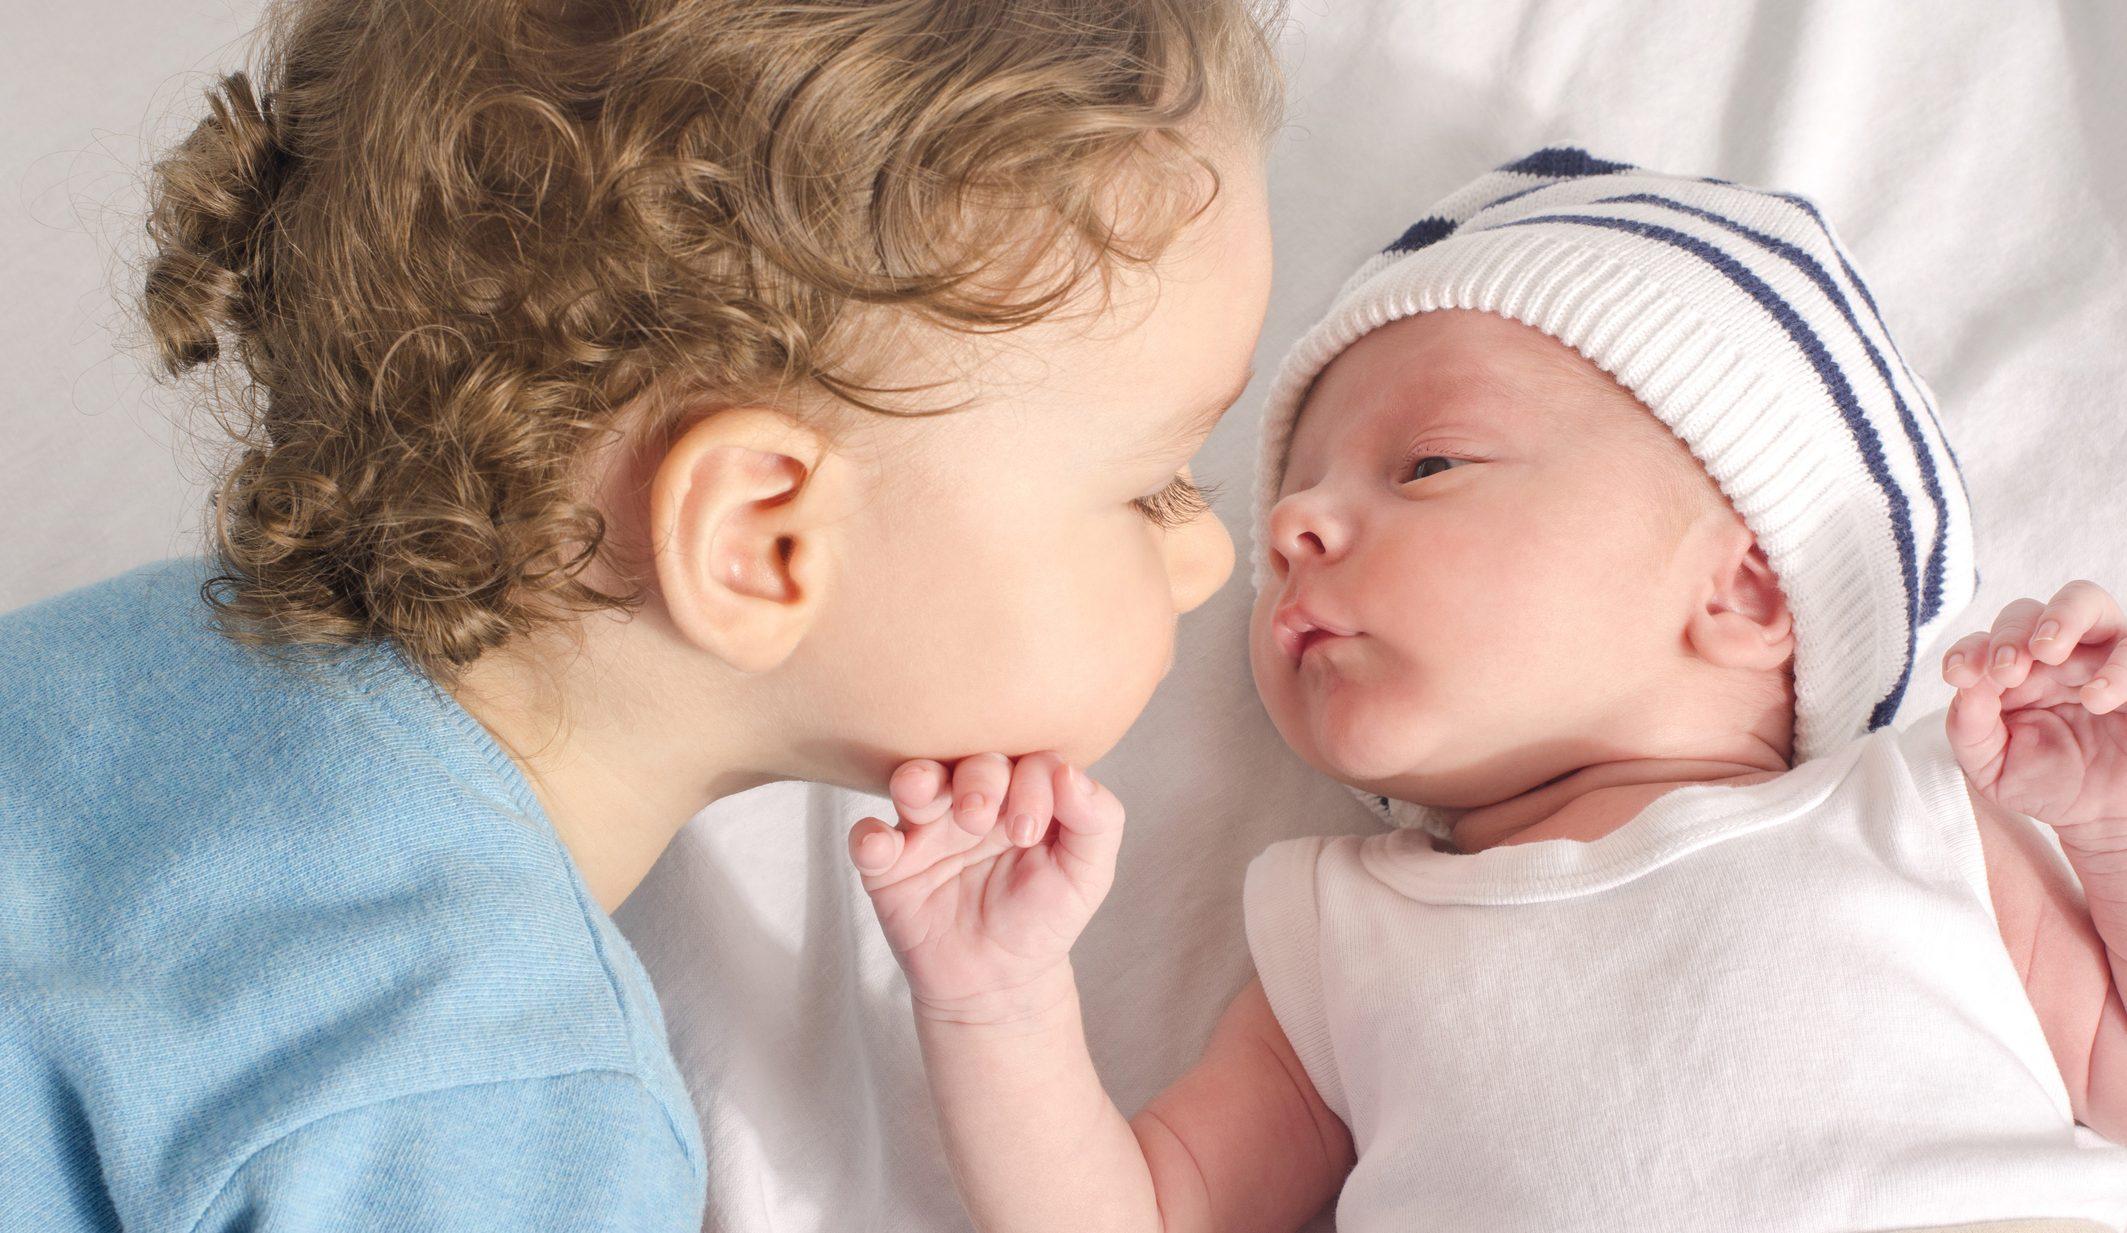 Big brother kissing baby sibling.